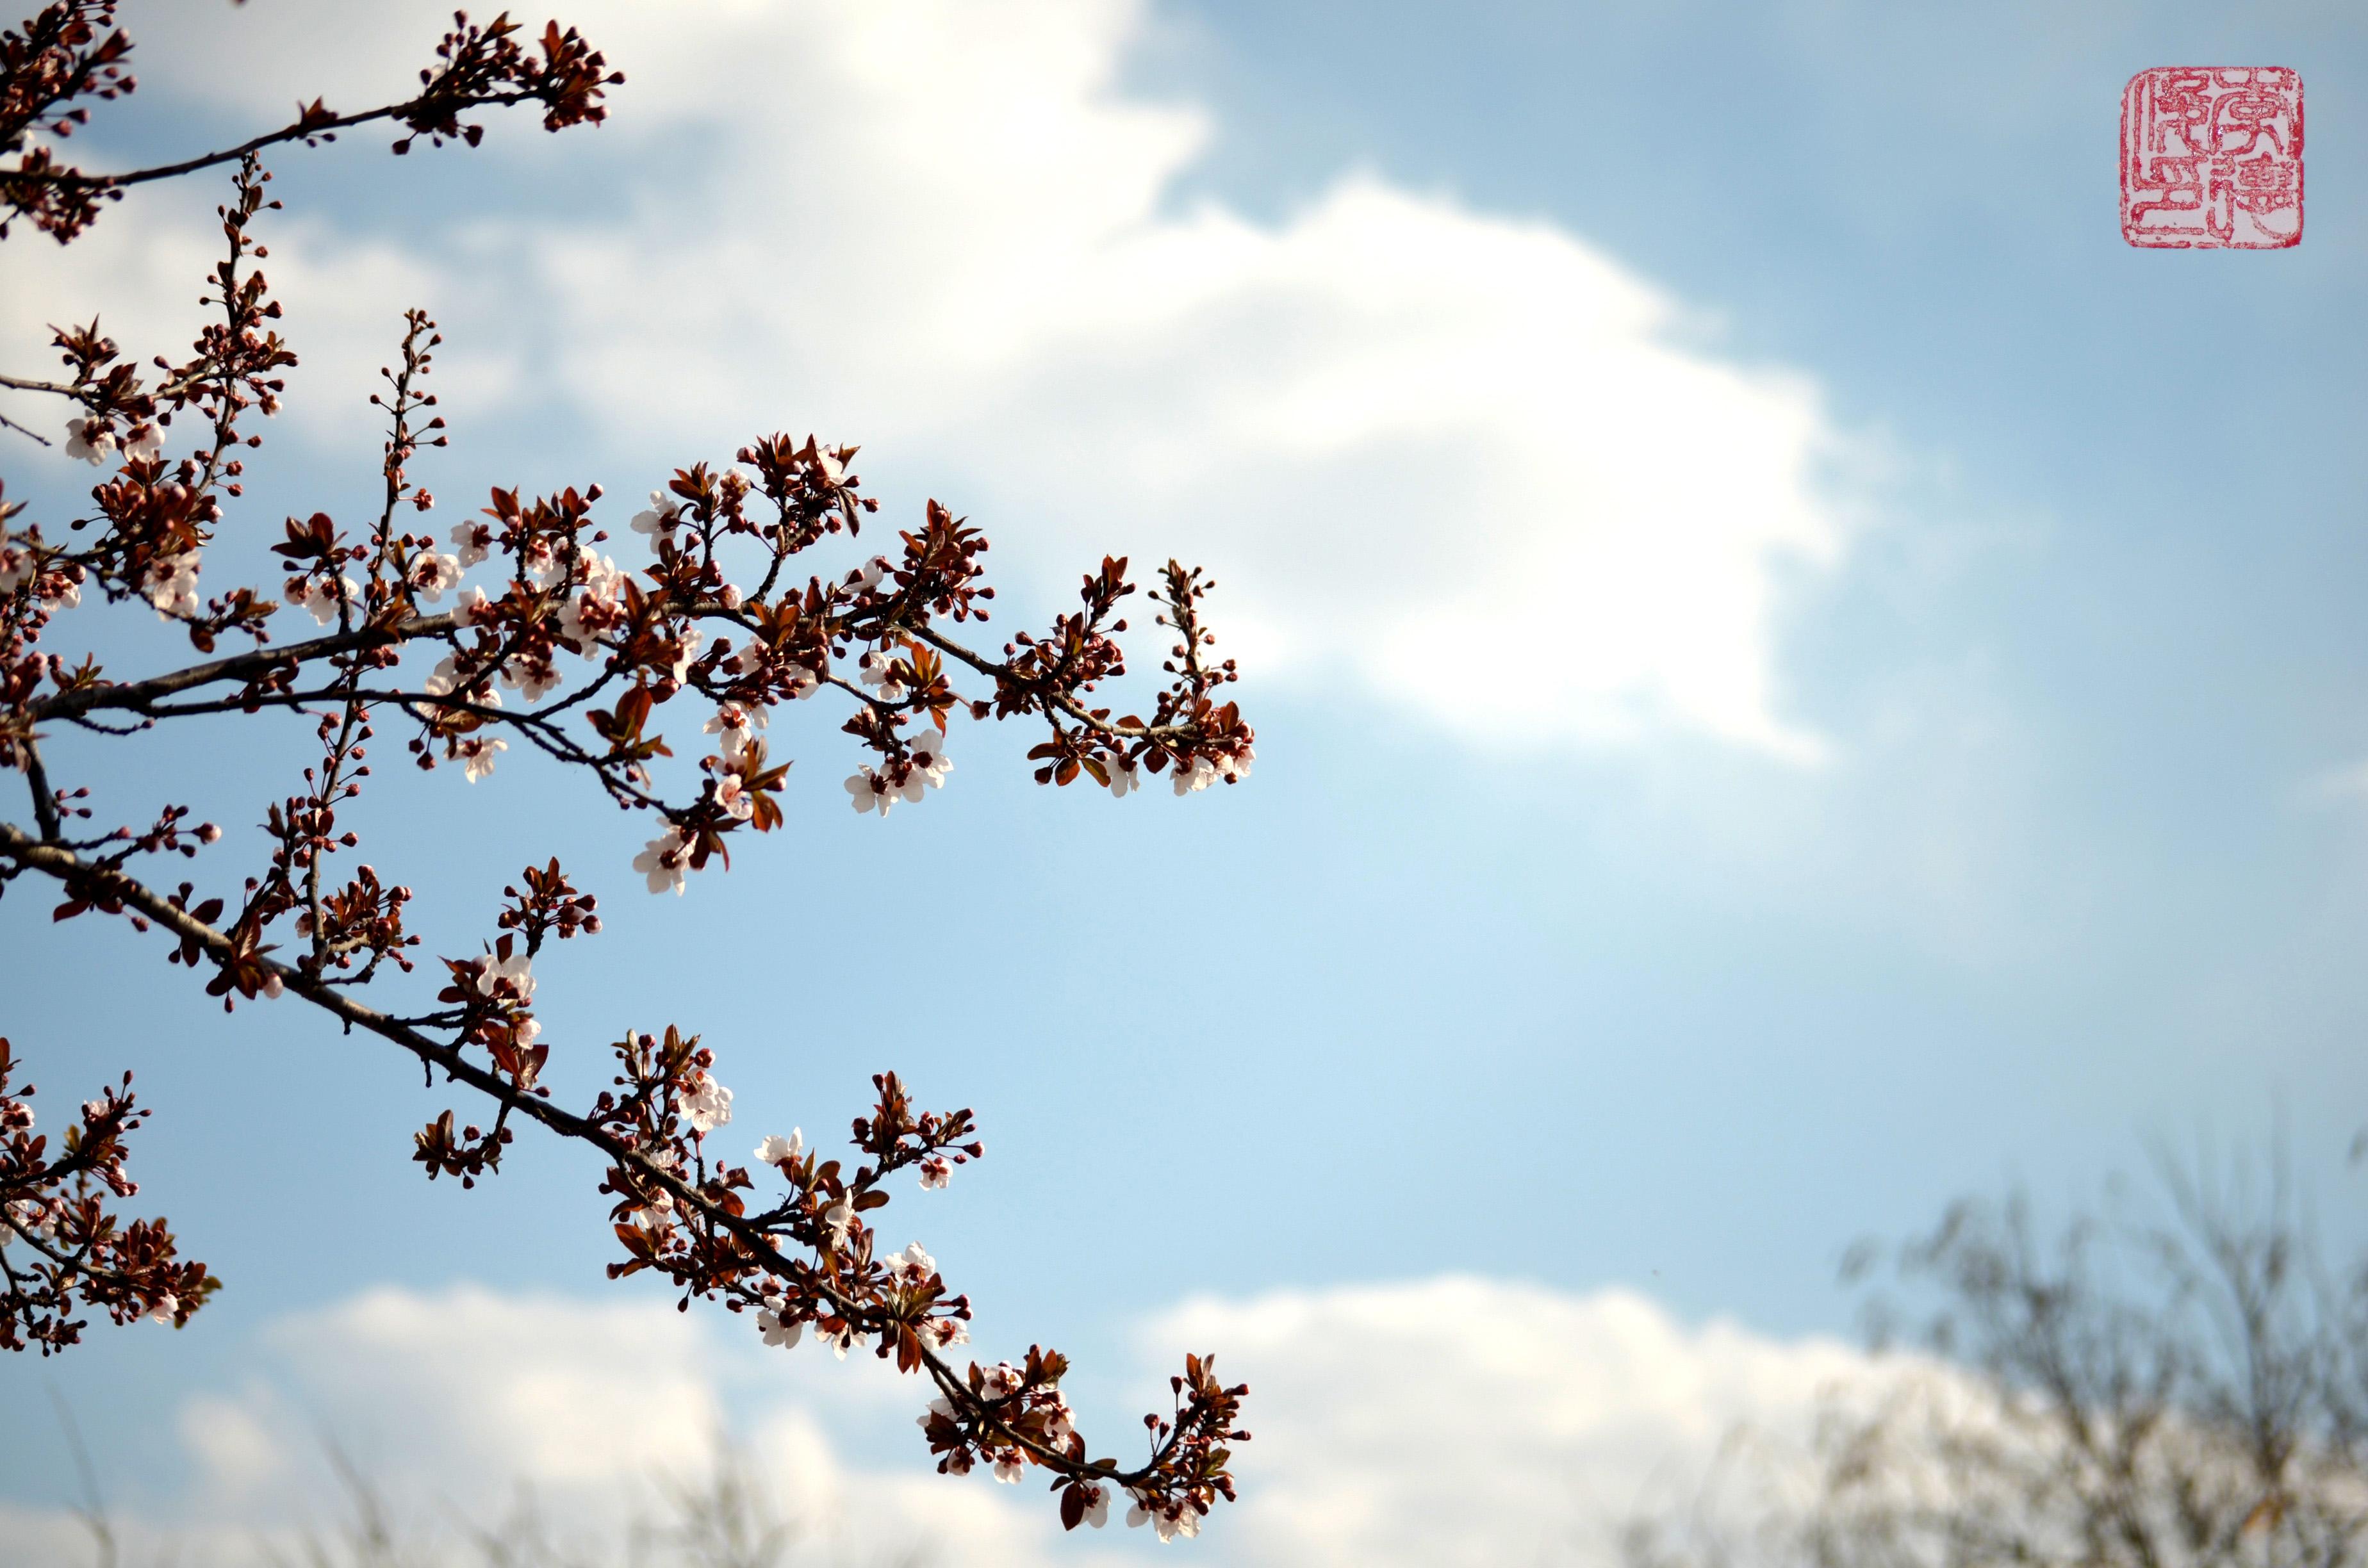 语文教学春天的风景